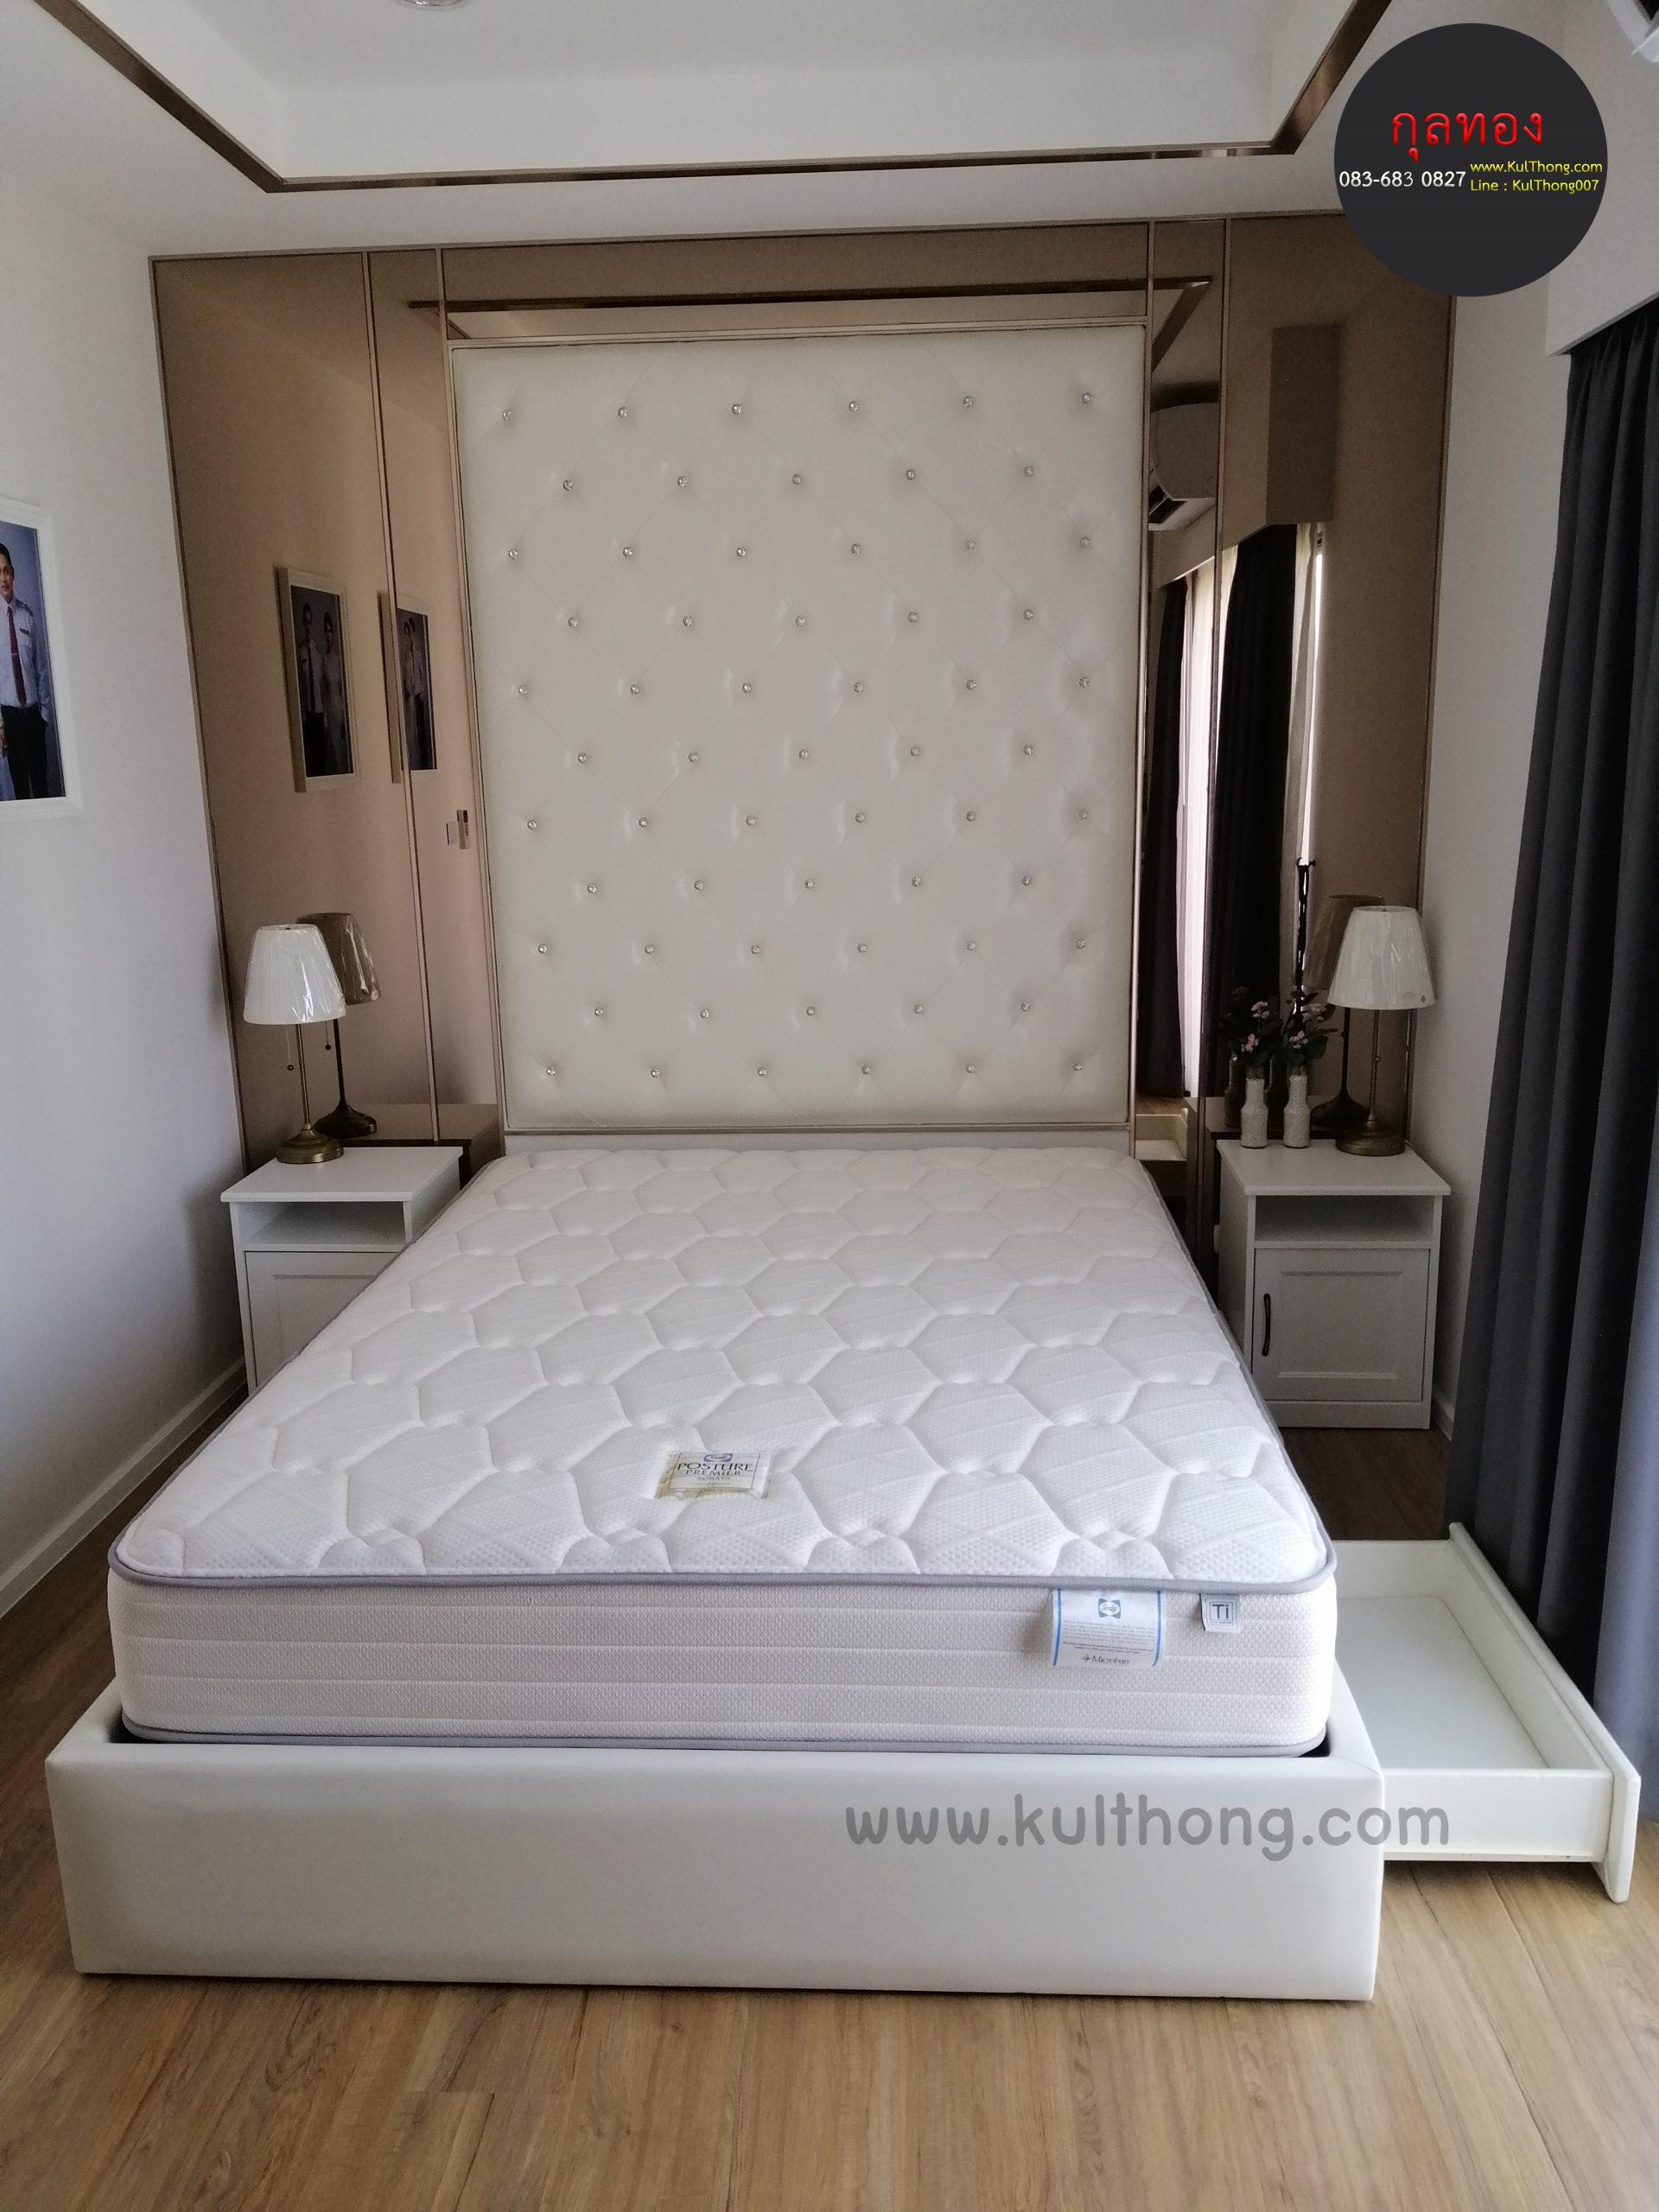 หัวบุเตียงนอน บุผนังหัวเตียง หัวเตียงแขวนผนัง